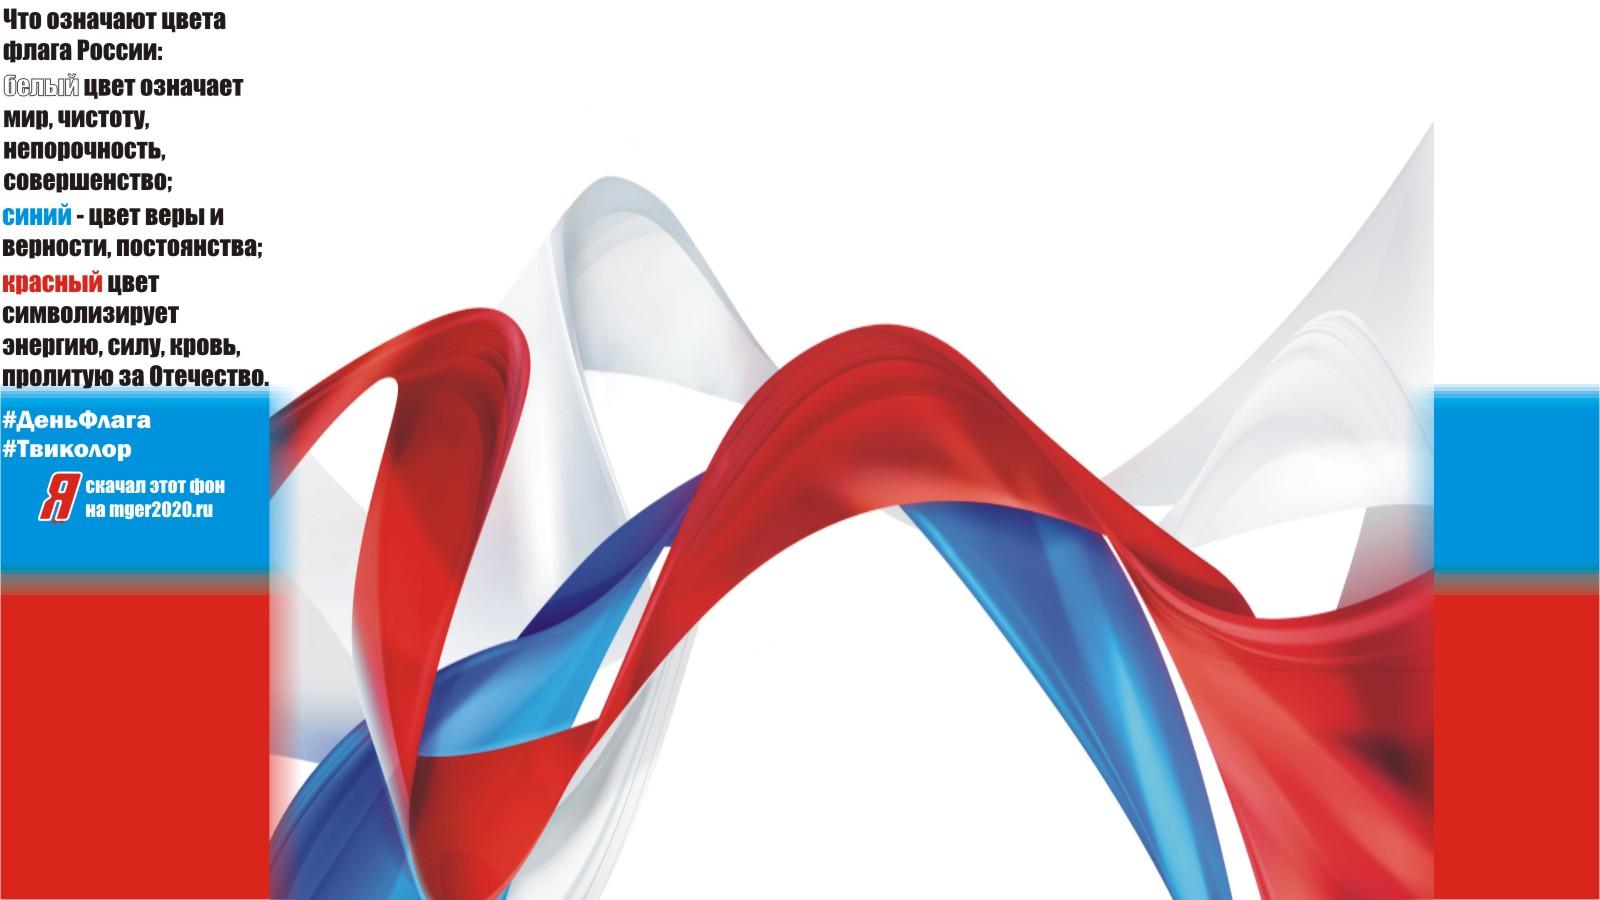 термобелья предлагают обои на рабочий стол патриотизм отличие множества производителей